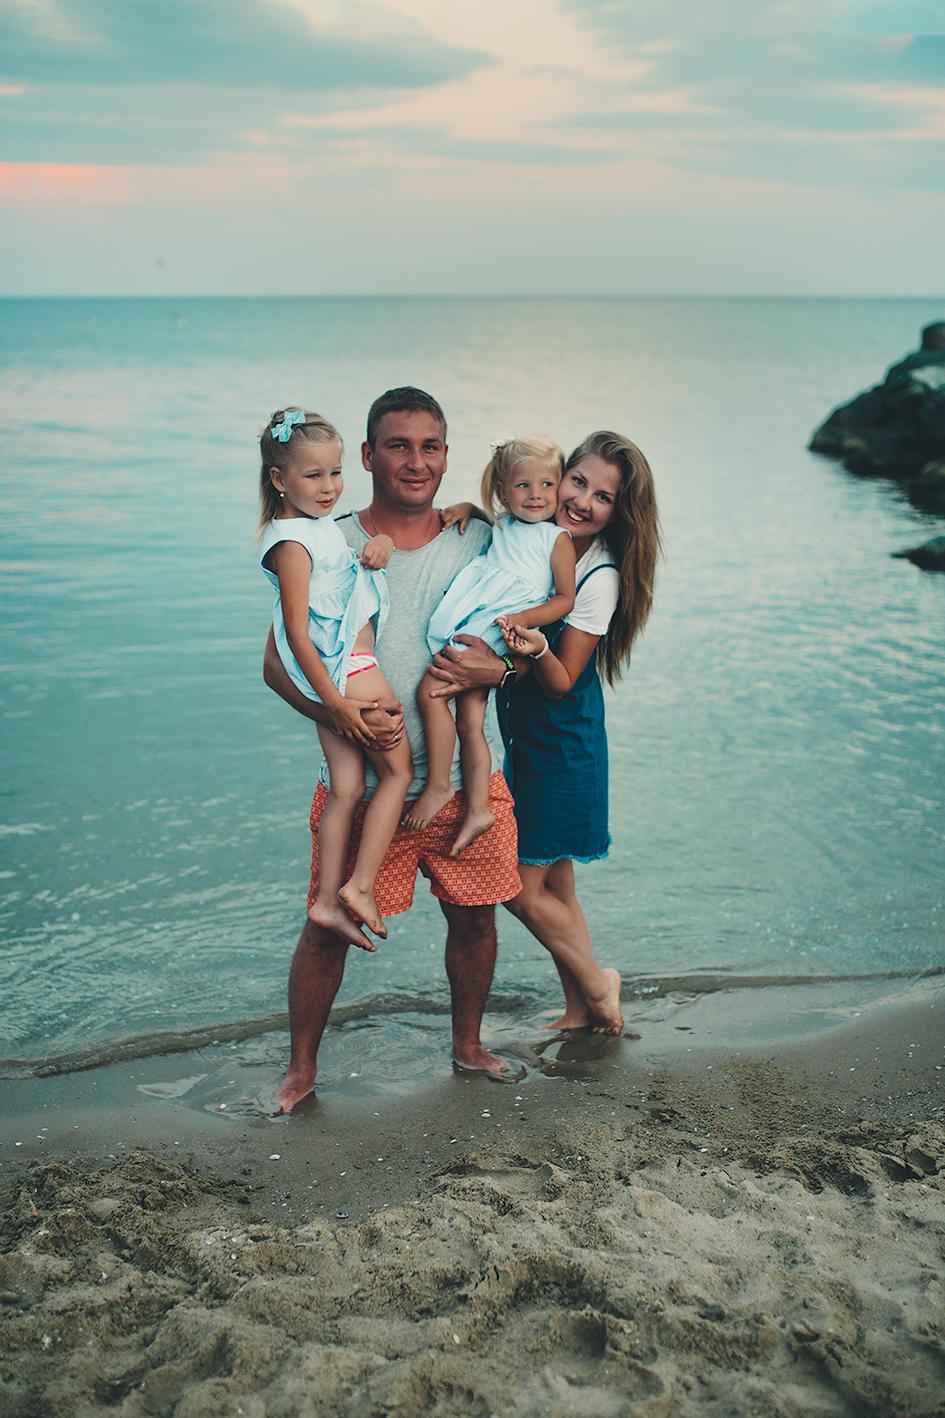 Всей семьей на море. Отдых у воды